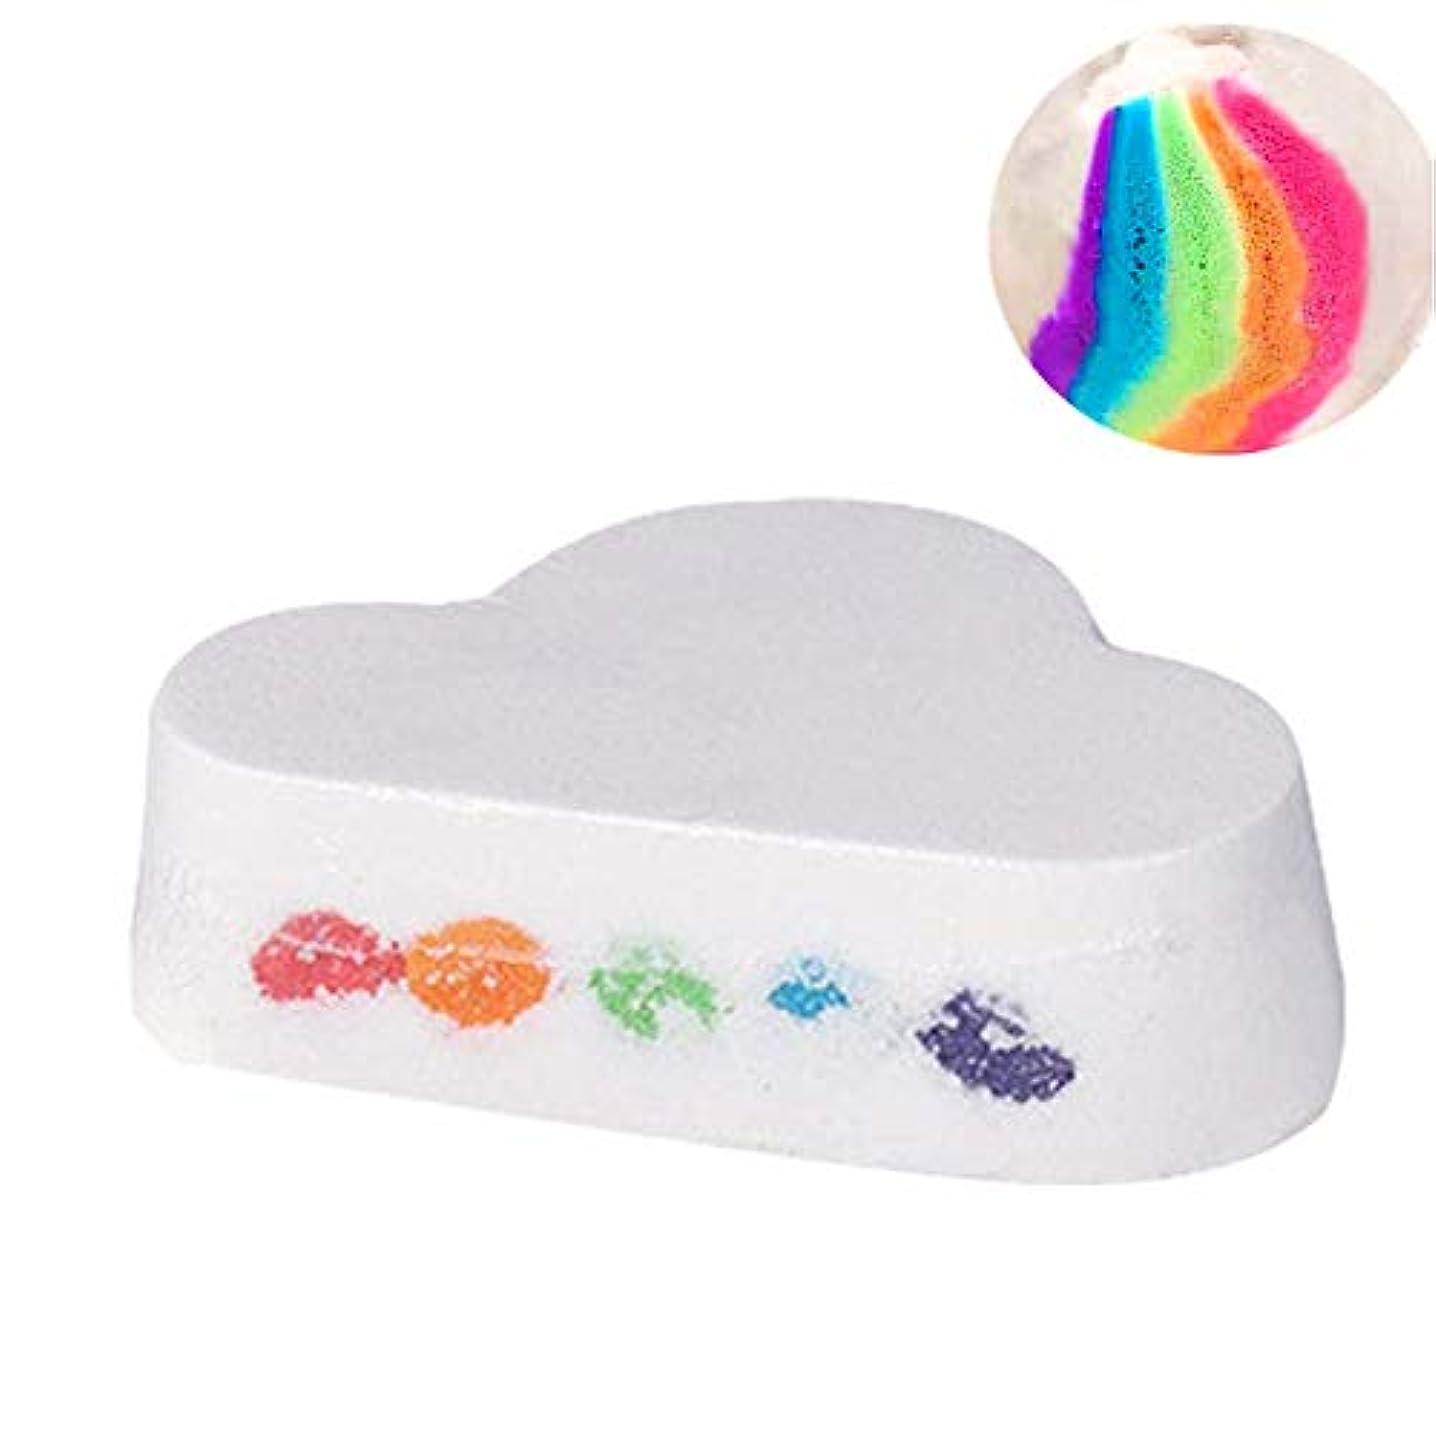 飢え克服するナプキンレインボー クラウド 入浴ボール 入浴剤 風呂泡の泡立った浮遊物 虹色 女性用保湿スキンギフト